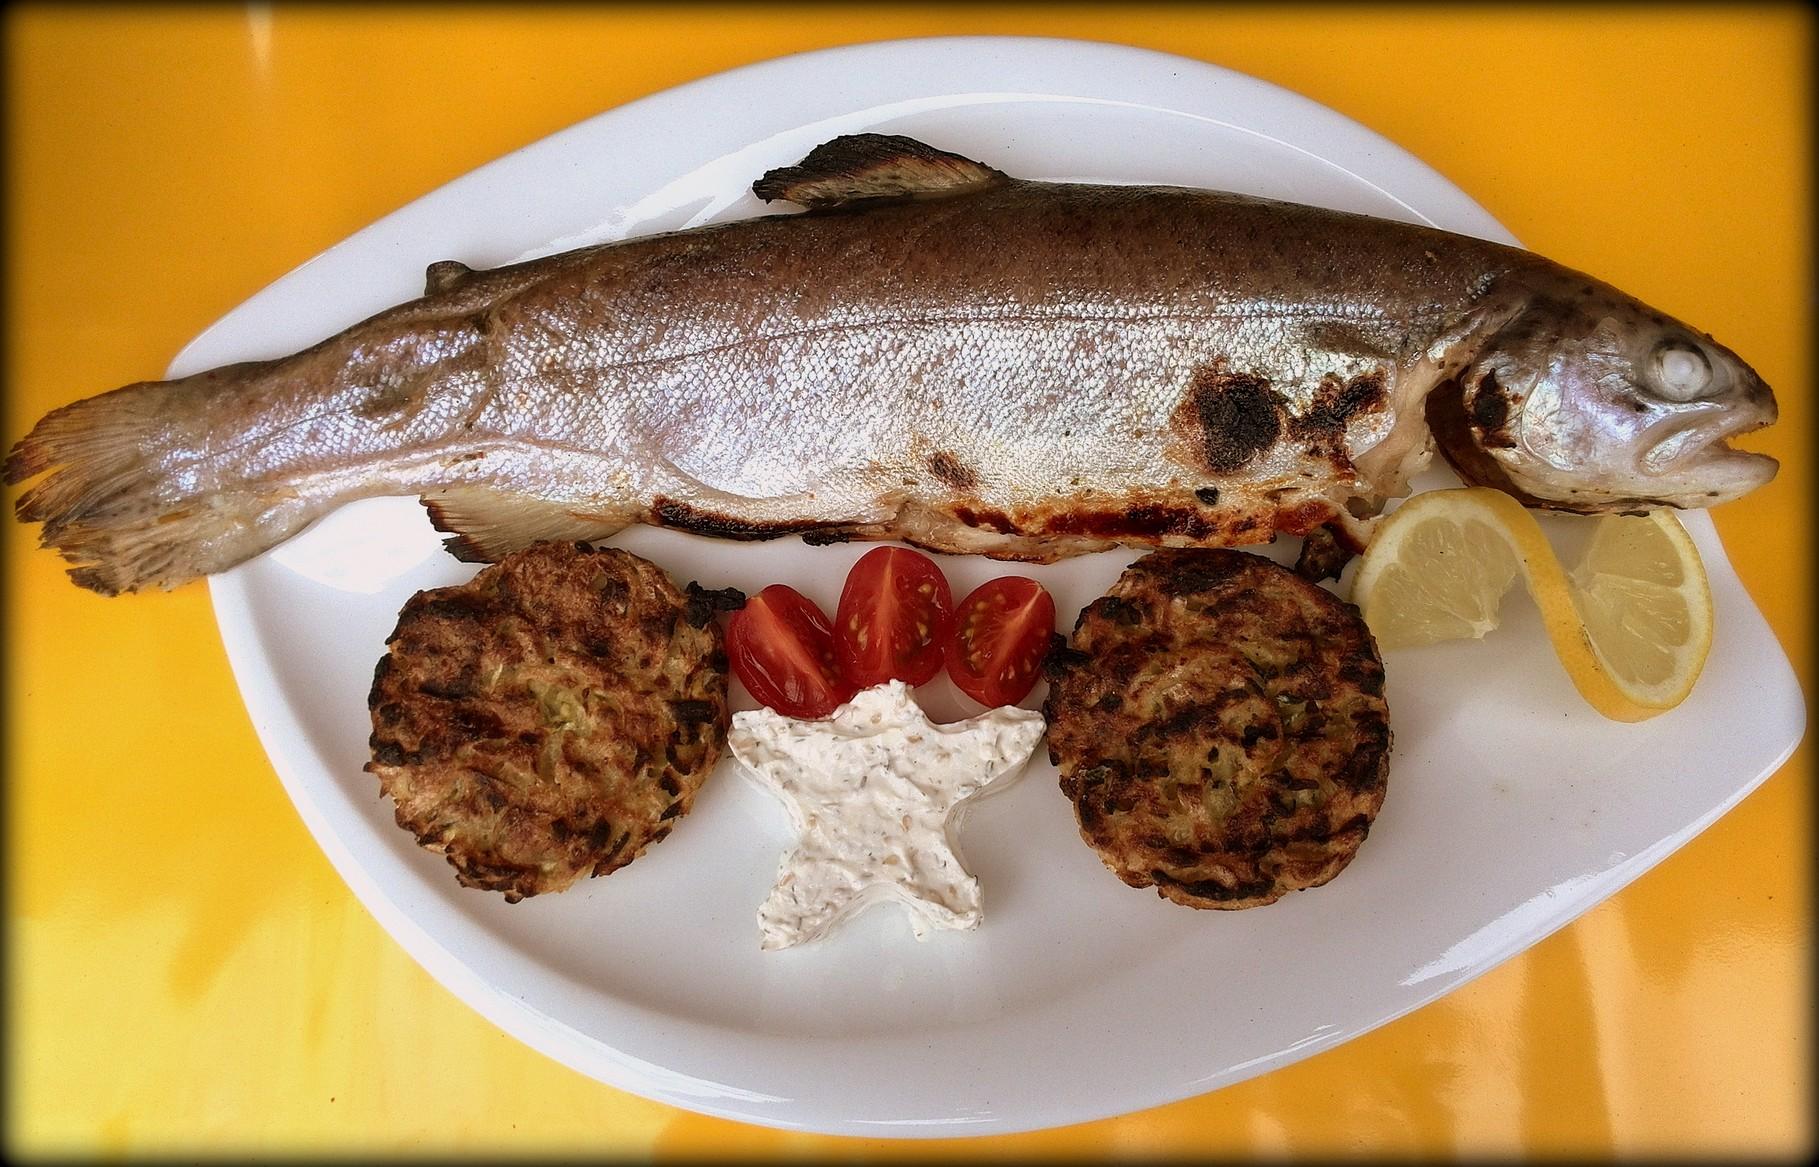 Hauptgang: Fruchtig marinierte Forelle mit Kartoffel-Zucchini-Rösti und Frischkäse-Sesam-Creme